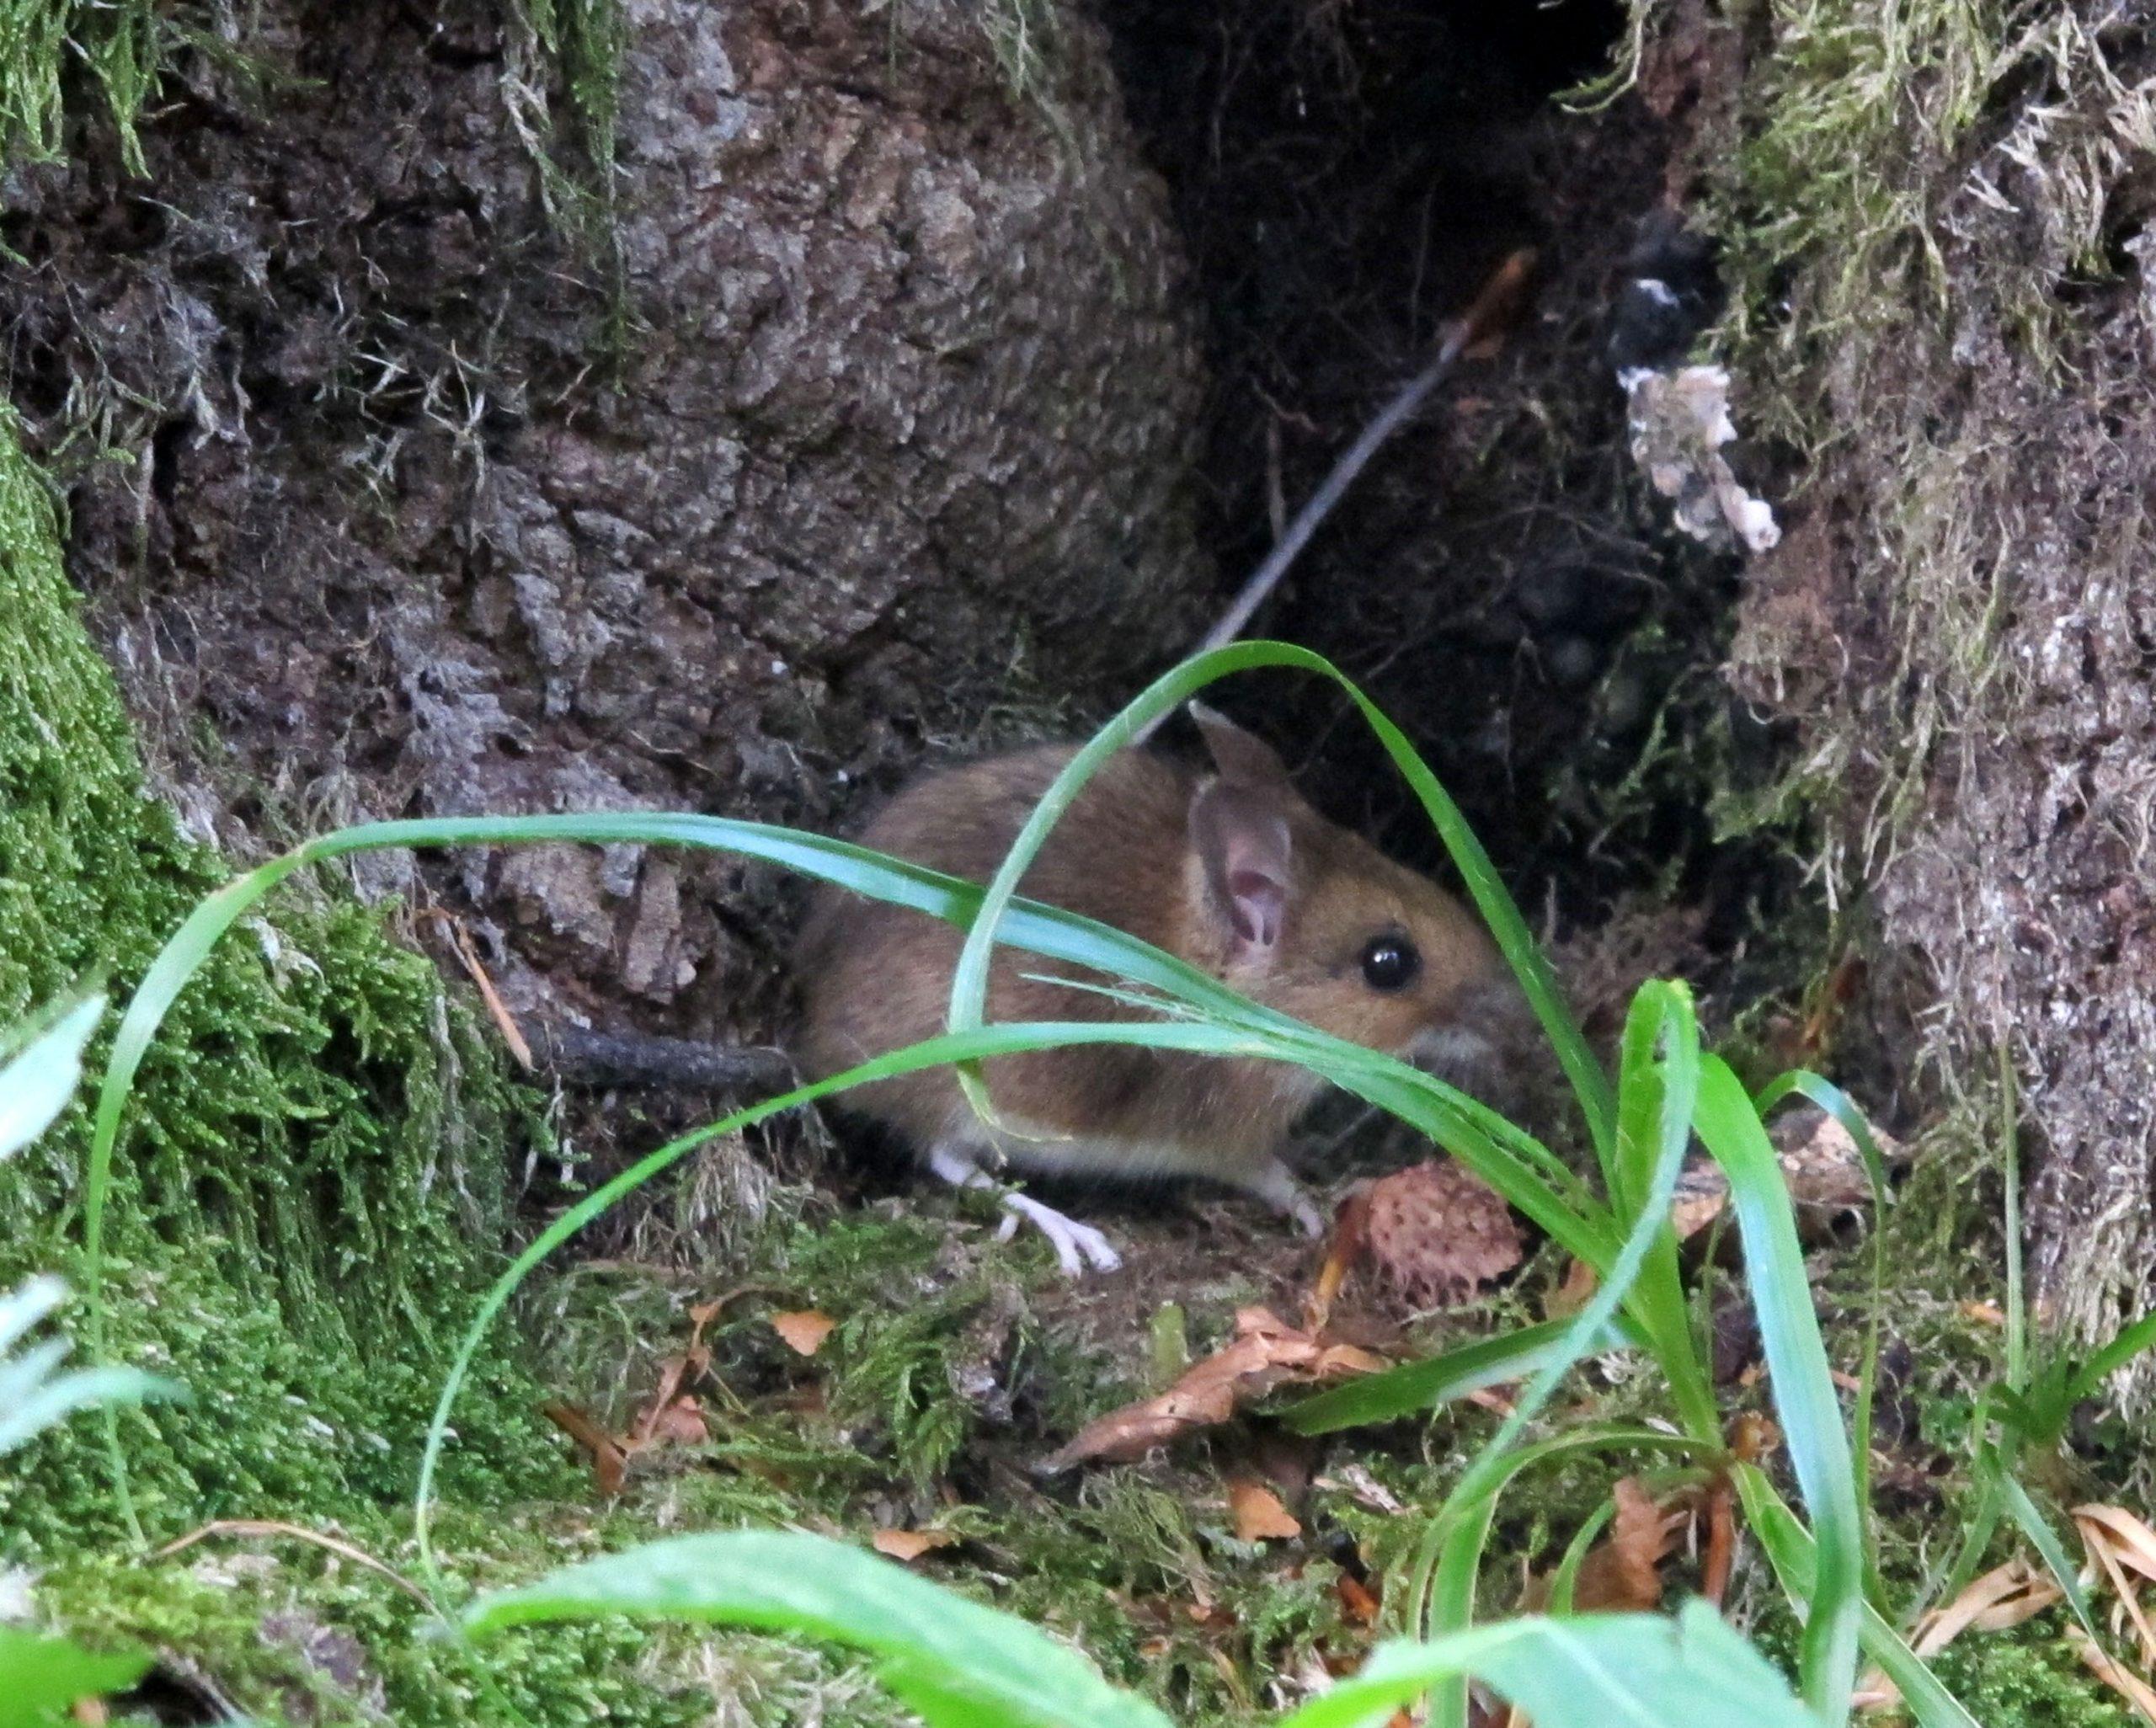 Mišja ili hemoragijska groznica s bubrežnim sindromom posljedica je kontakta s glodavcima ili njihovim izlučevinama u prirodi / Foto Goran KOVAČIĆ/PIXSELL